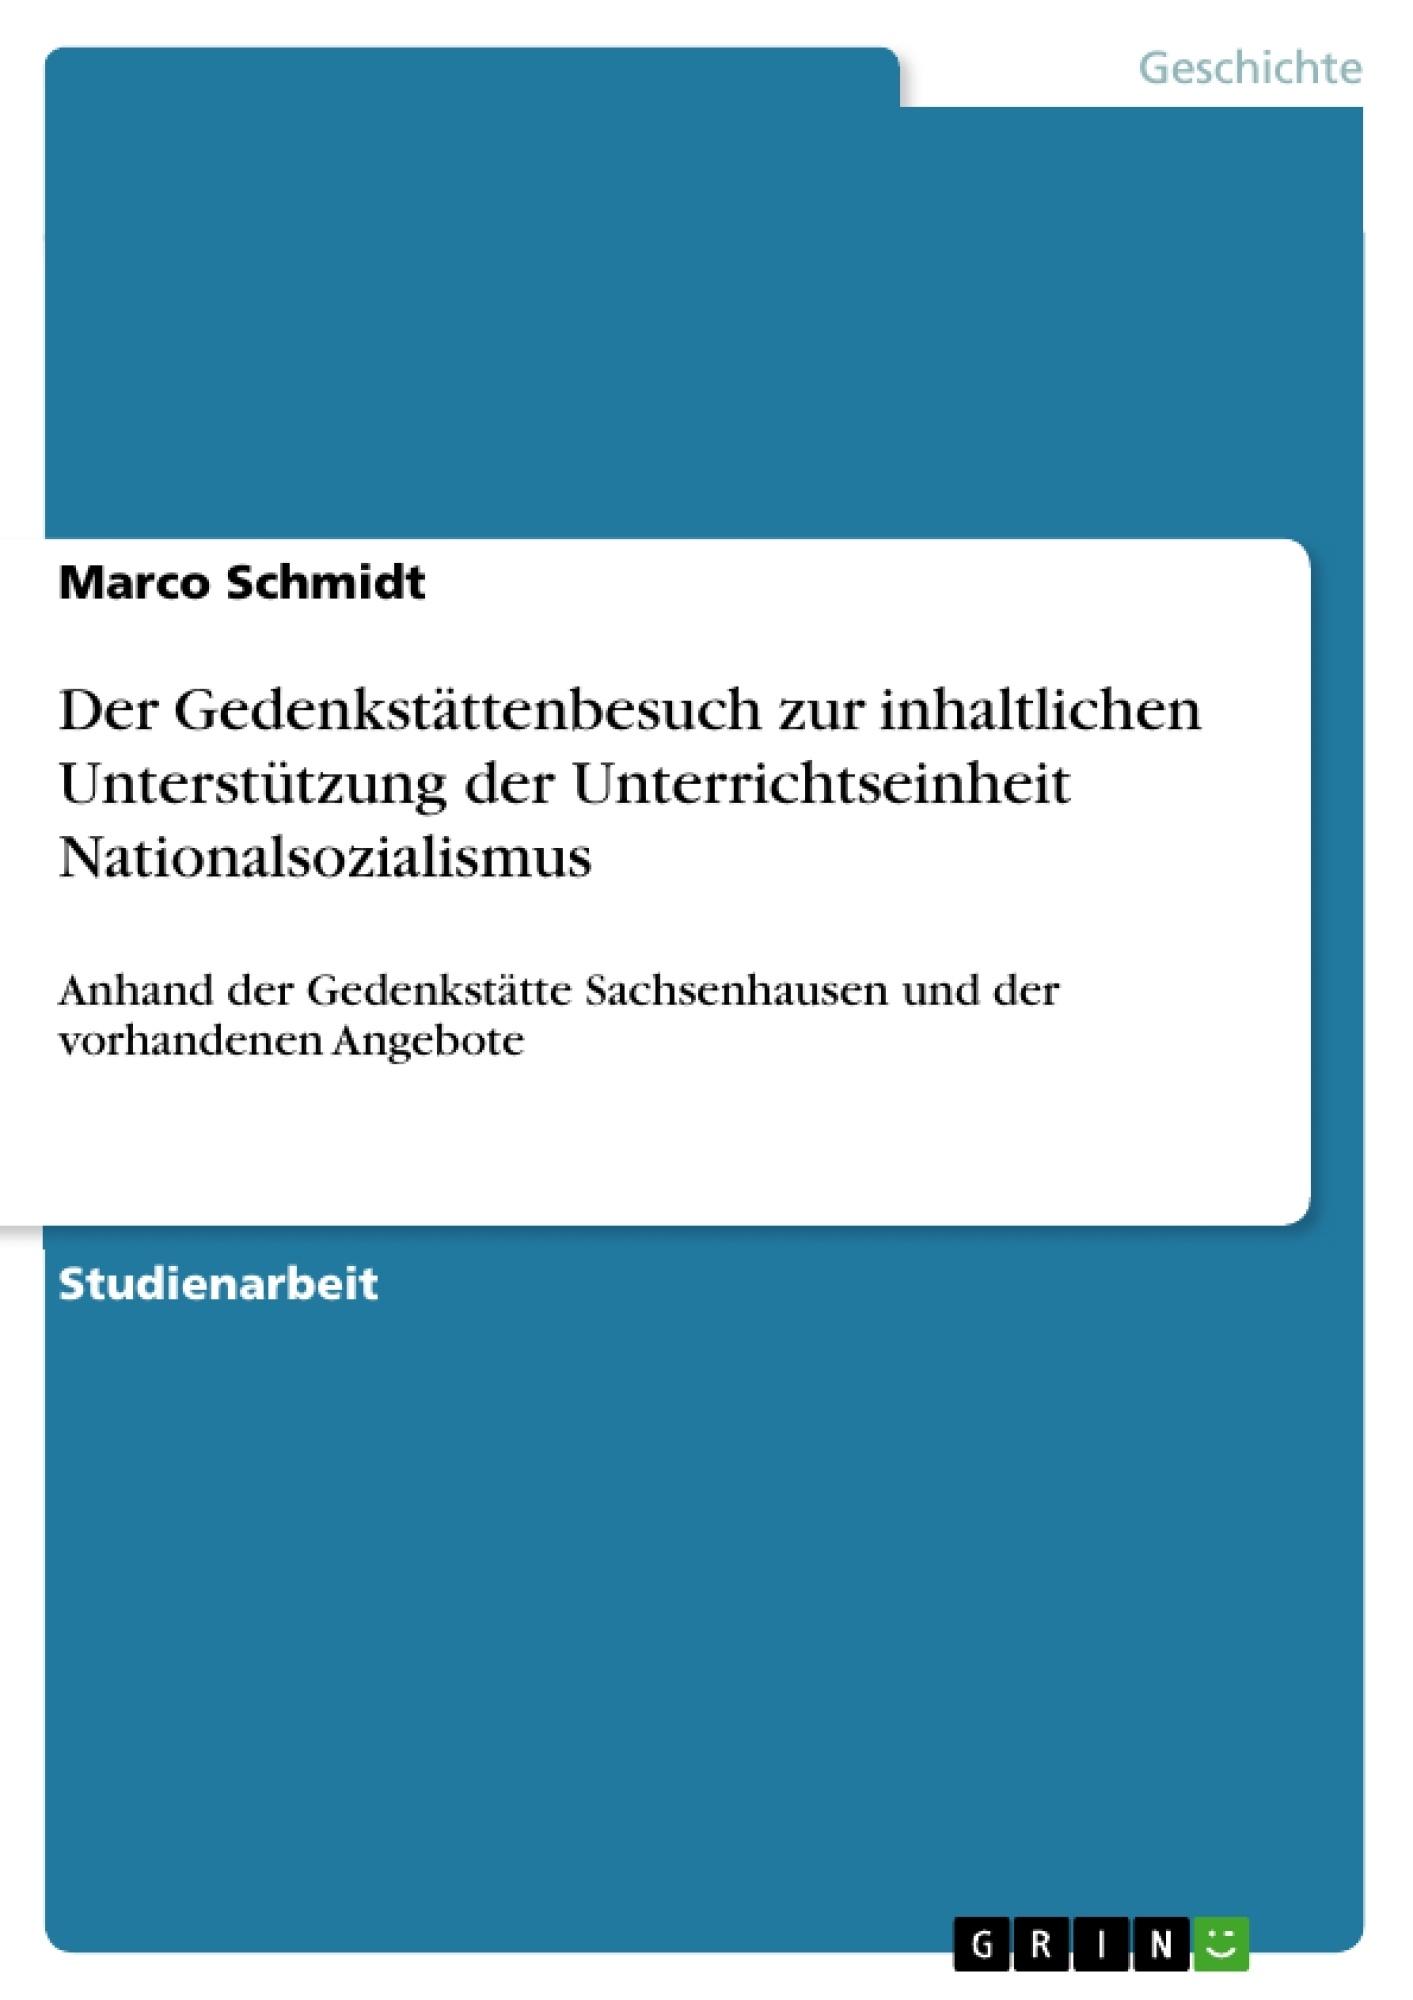 Titel: Der Gedenkstättenbesuch zur inhaltlichen Unterstützung der Unterrichtseinheit Nationalsozialismus